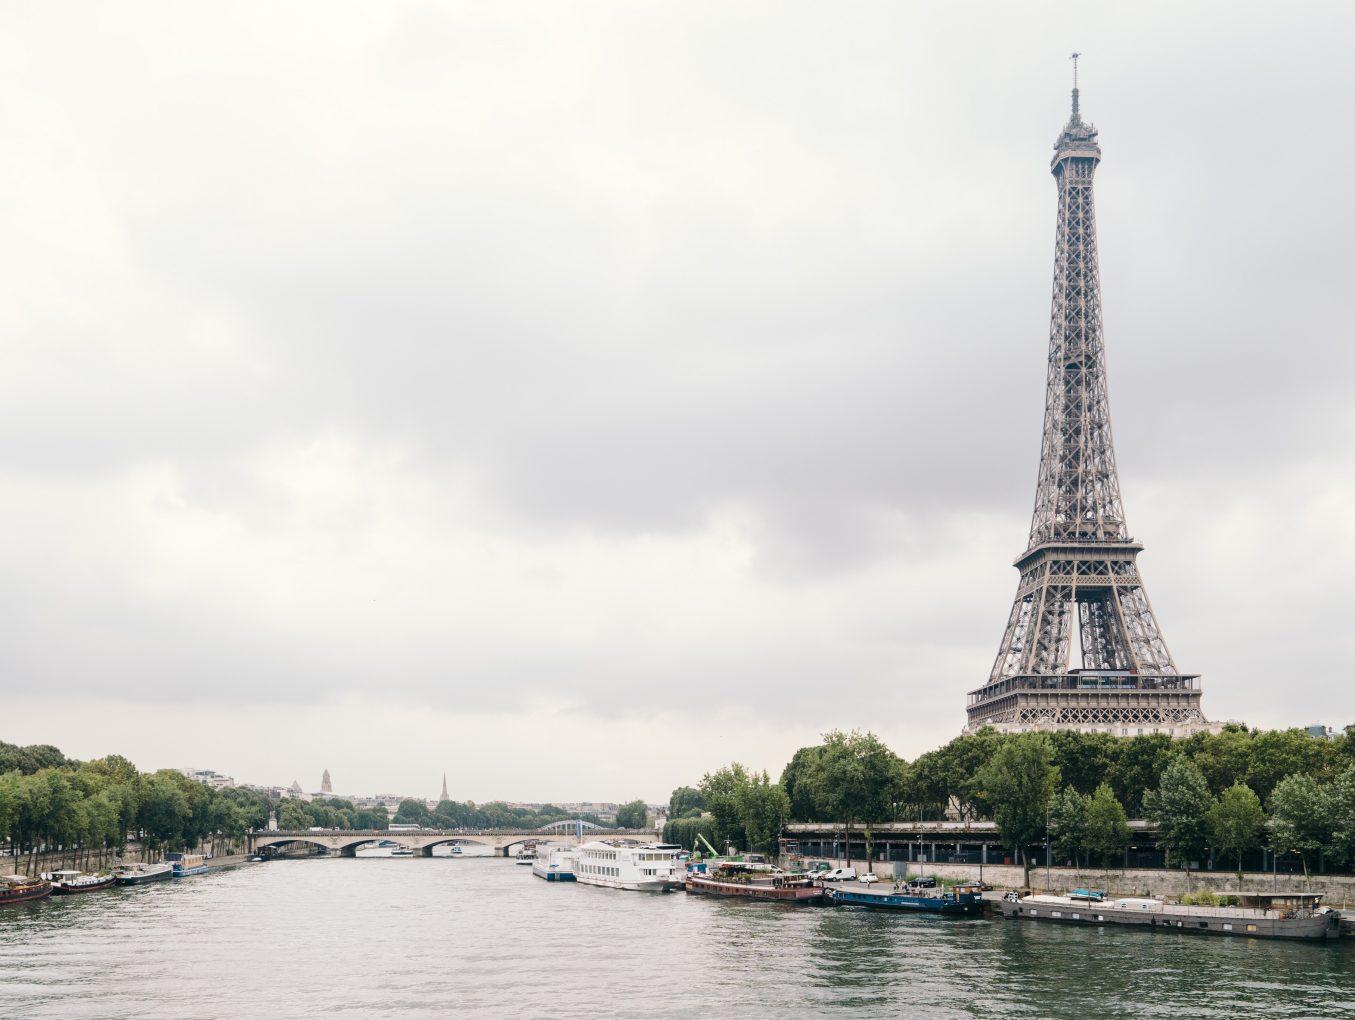 Paris: Much more than The Eiffel Tower